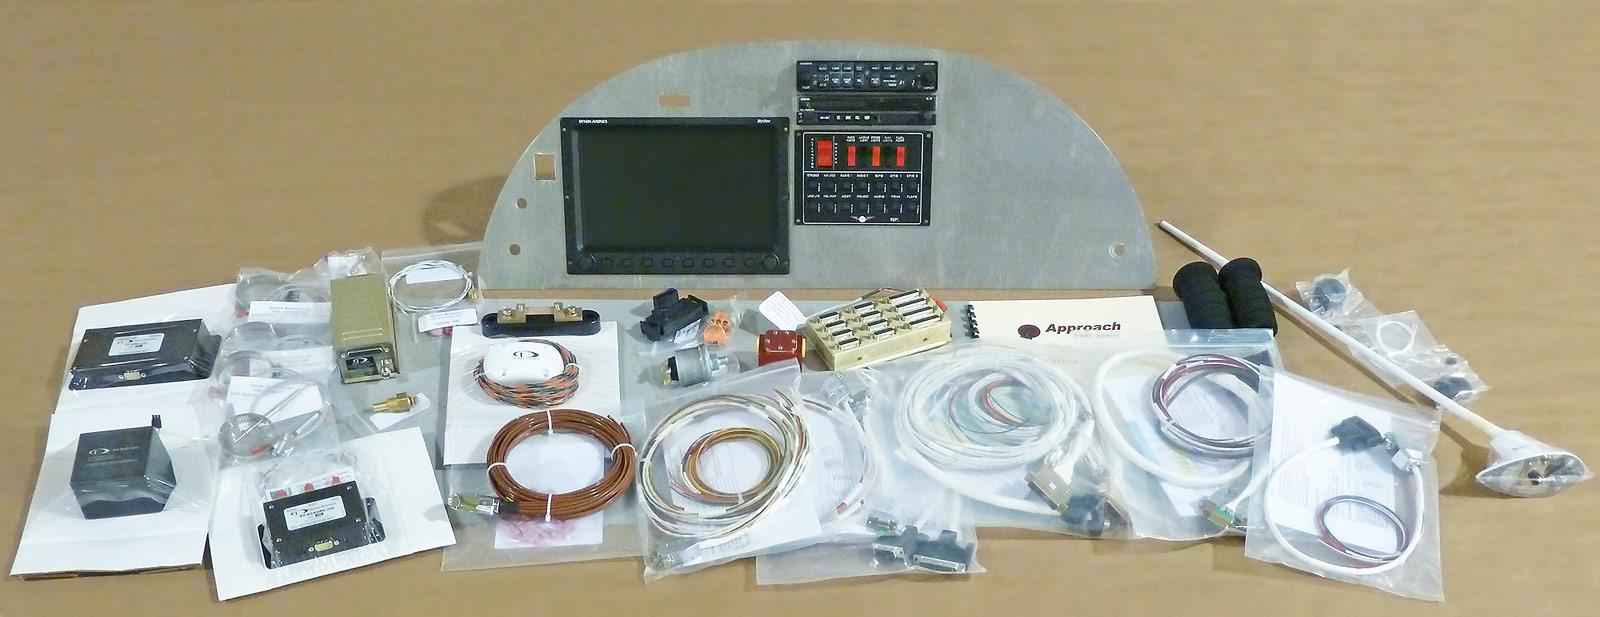 hight resolution of stol ch 750 custom instrument panel kit